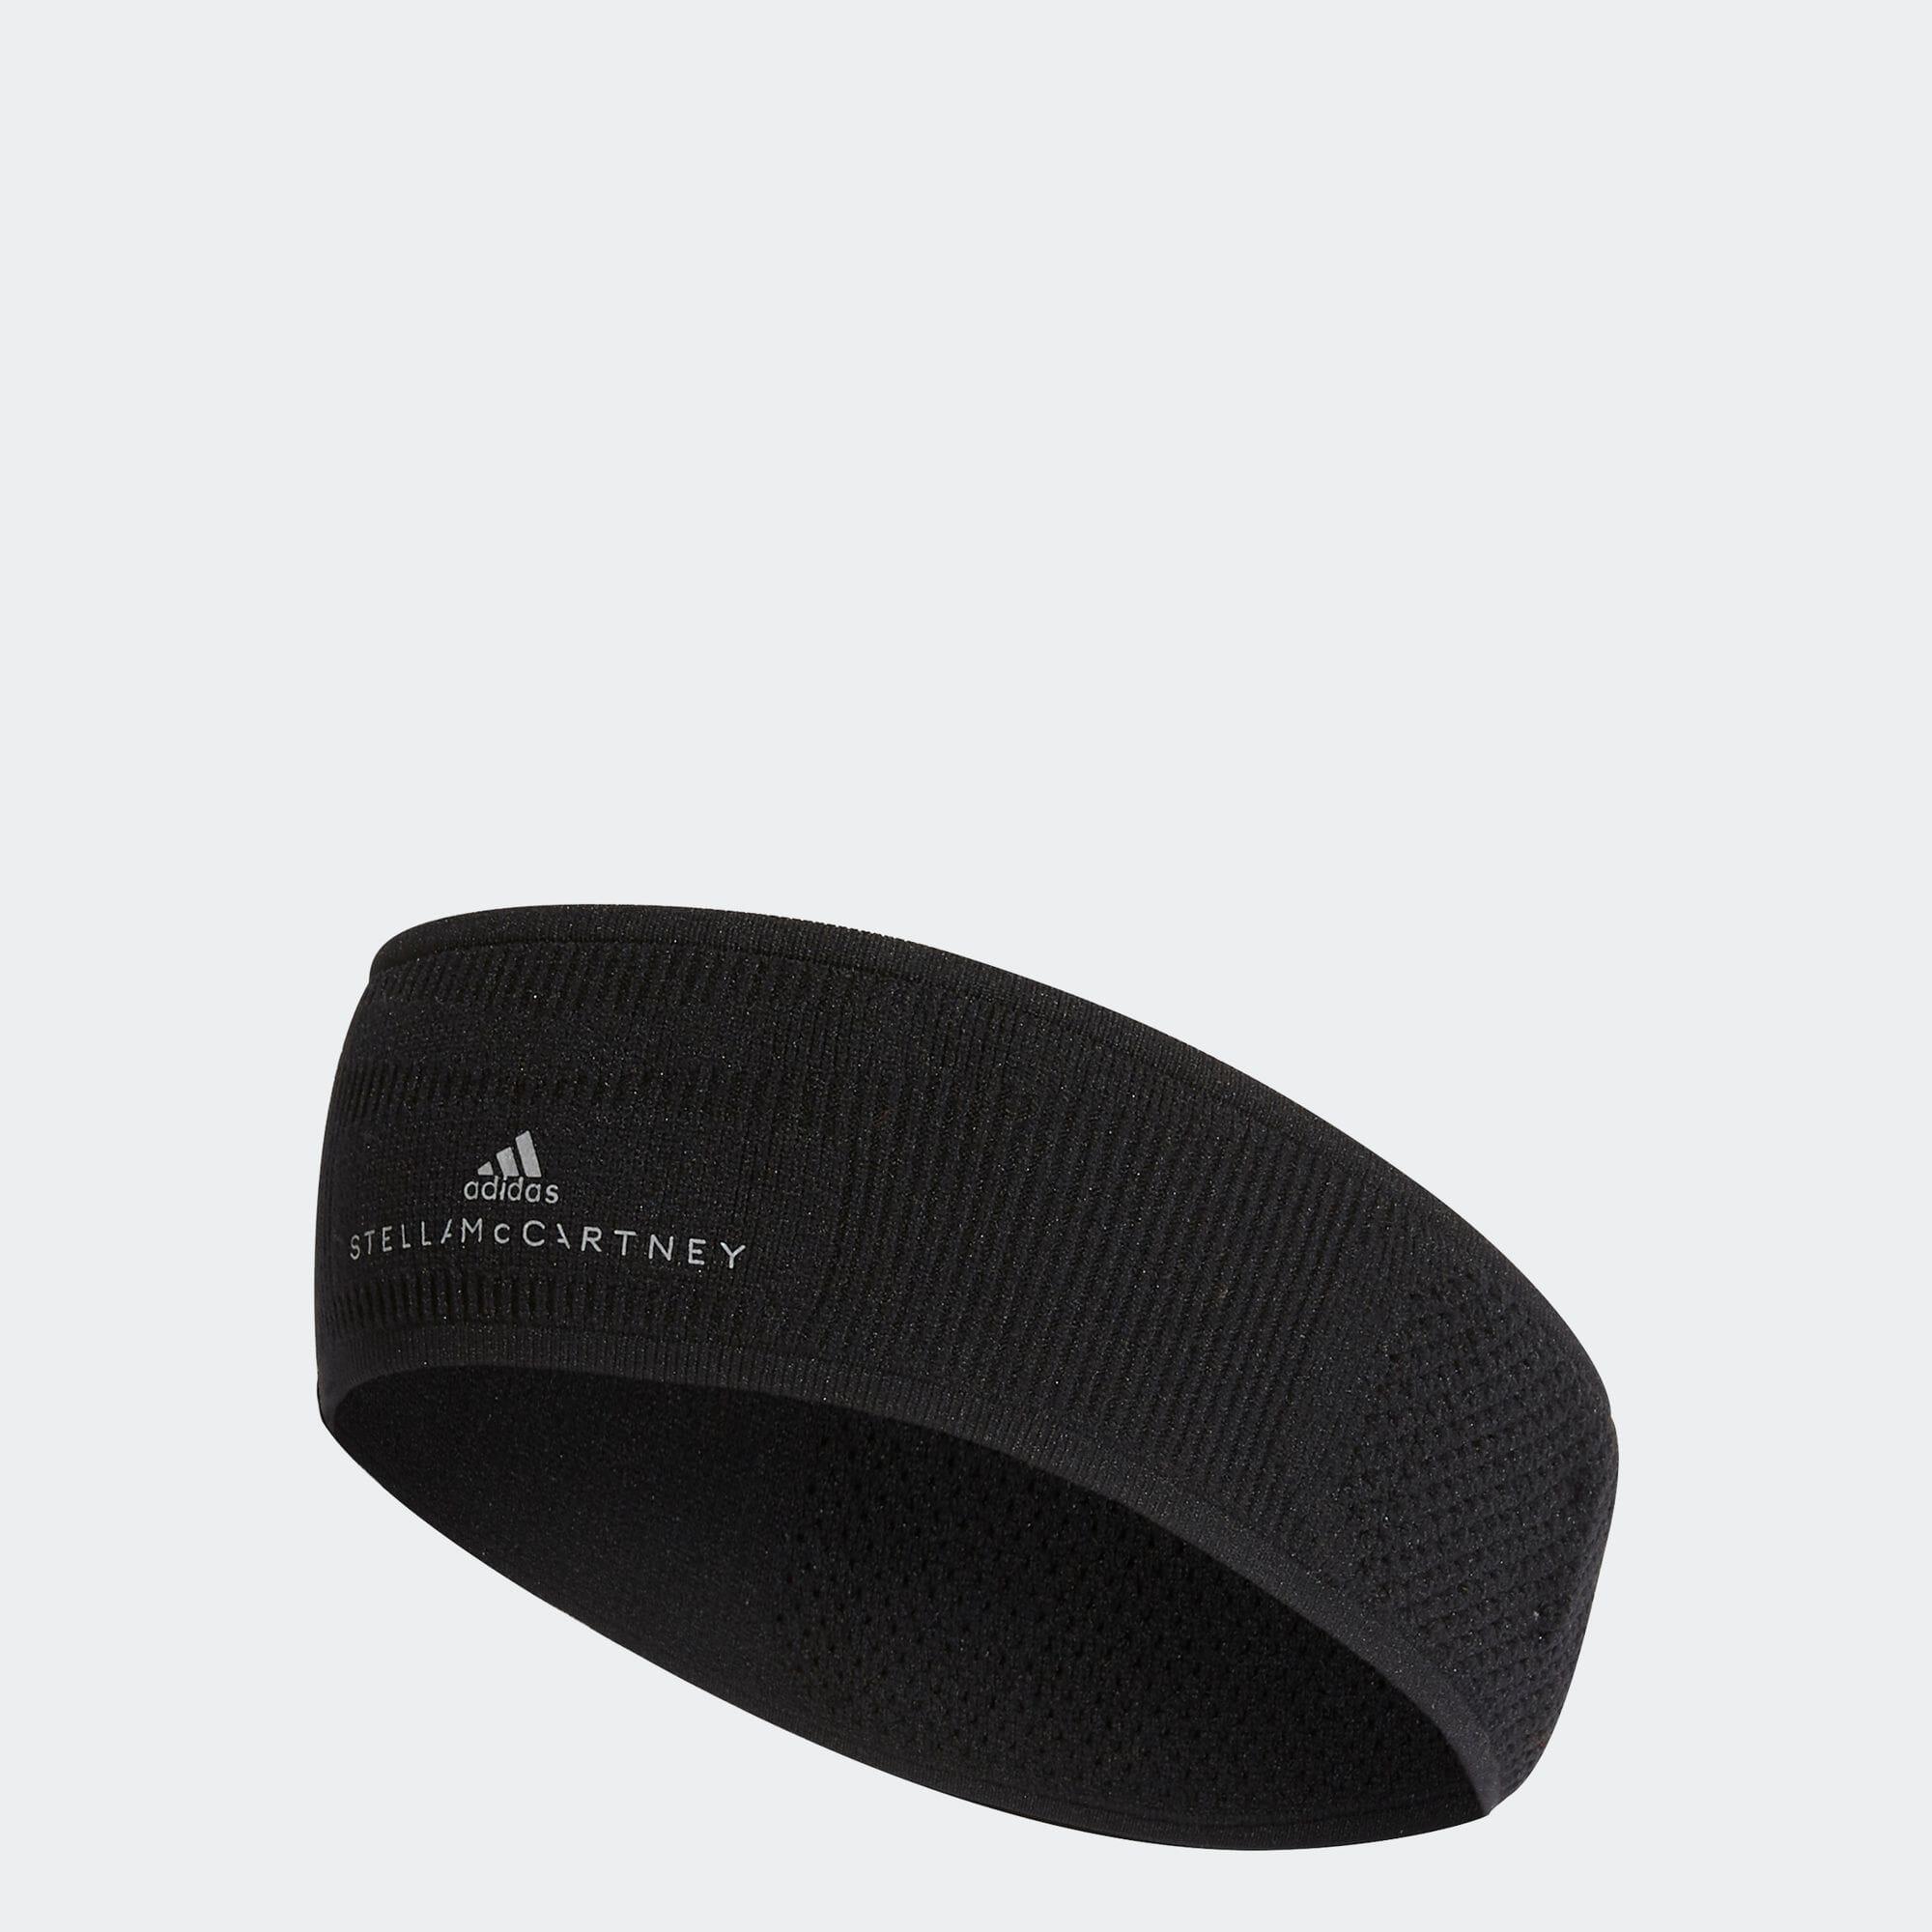 ランニング ヘッドバンド / Running Headband